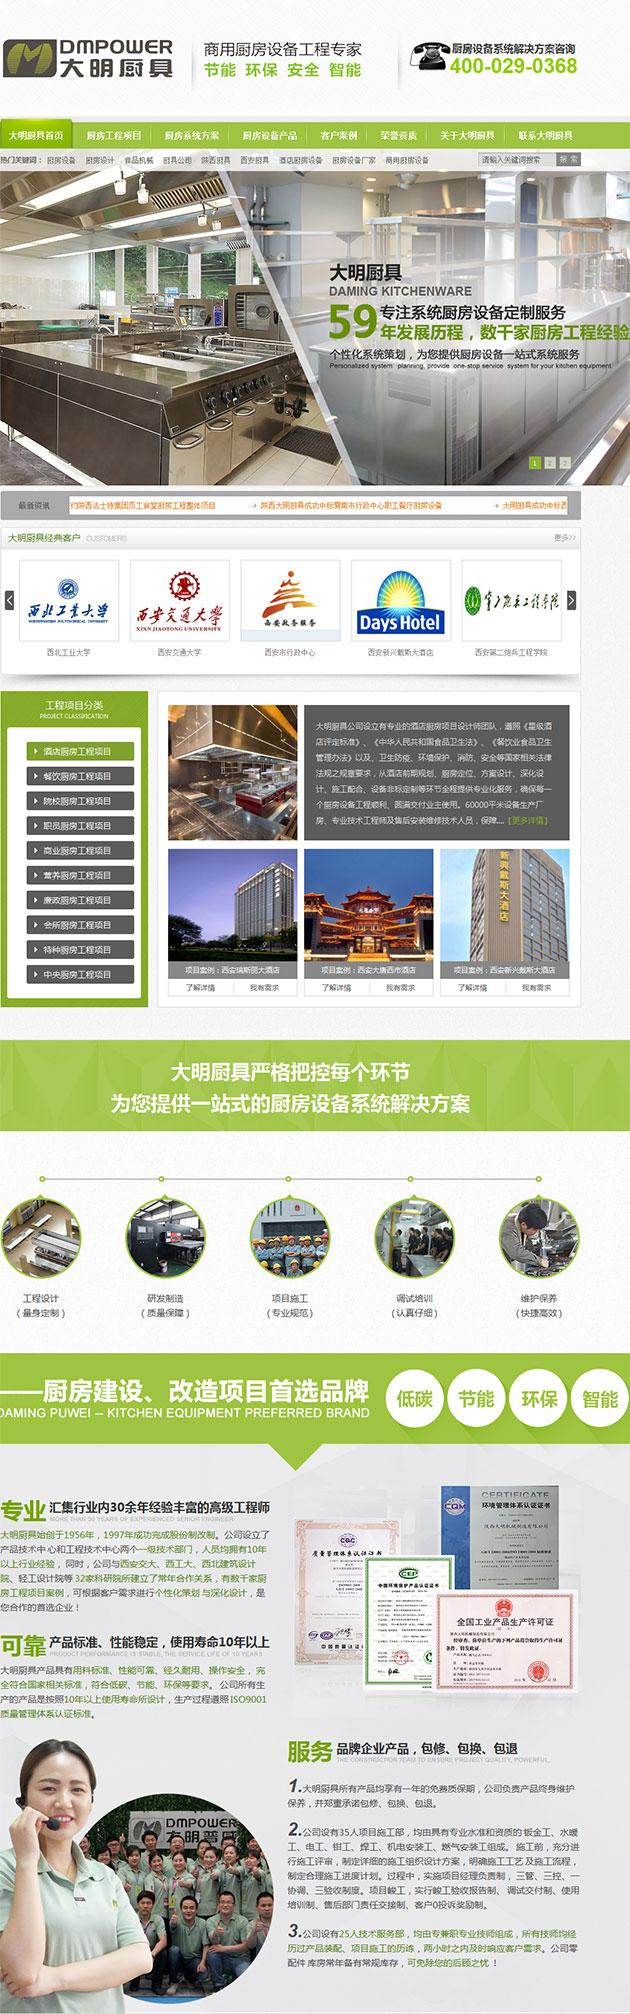 大明普威龙8国际龙88型龙8国际官网首页首页部分截图